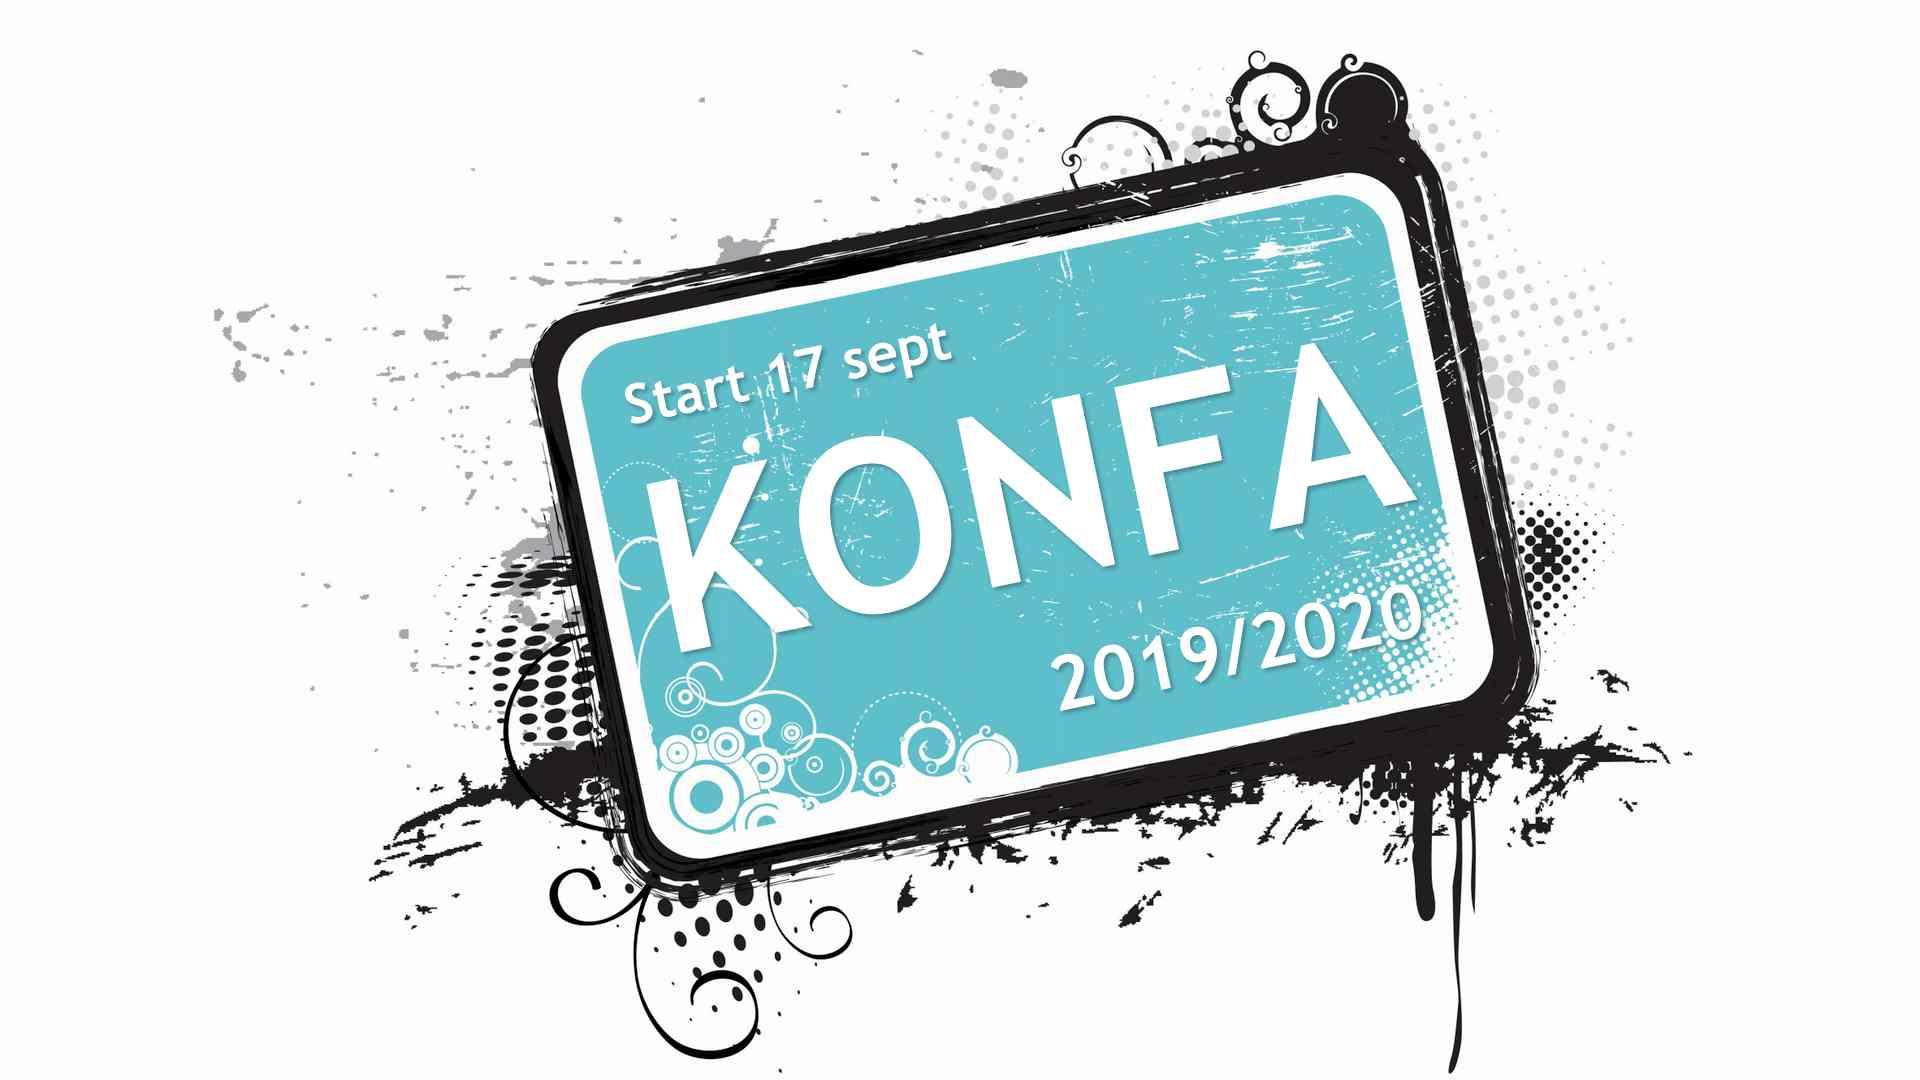 Konfa 2019/2020